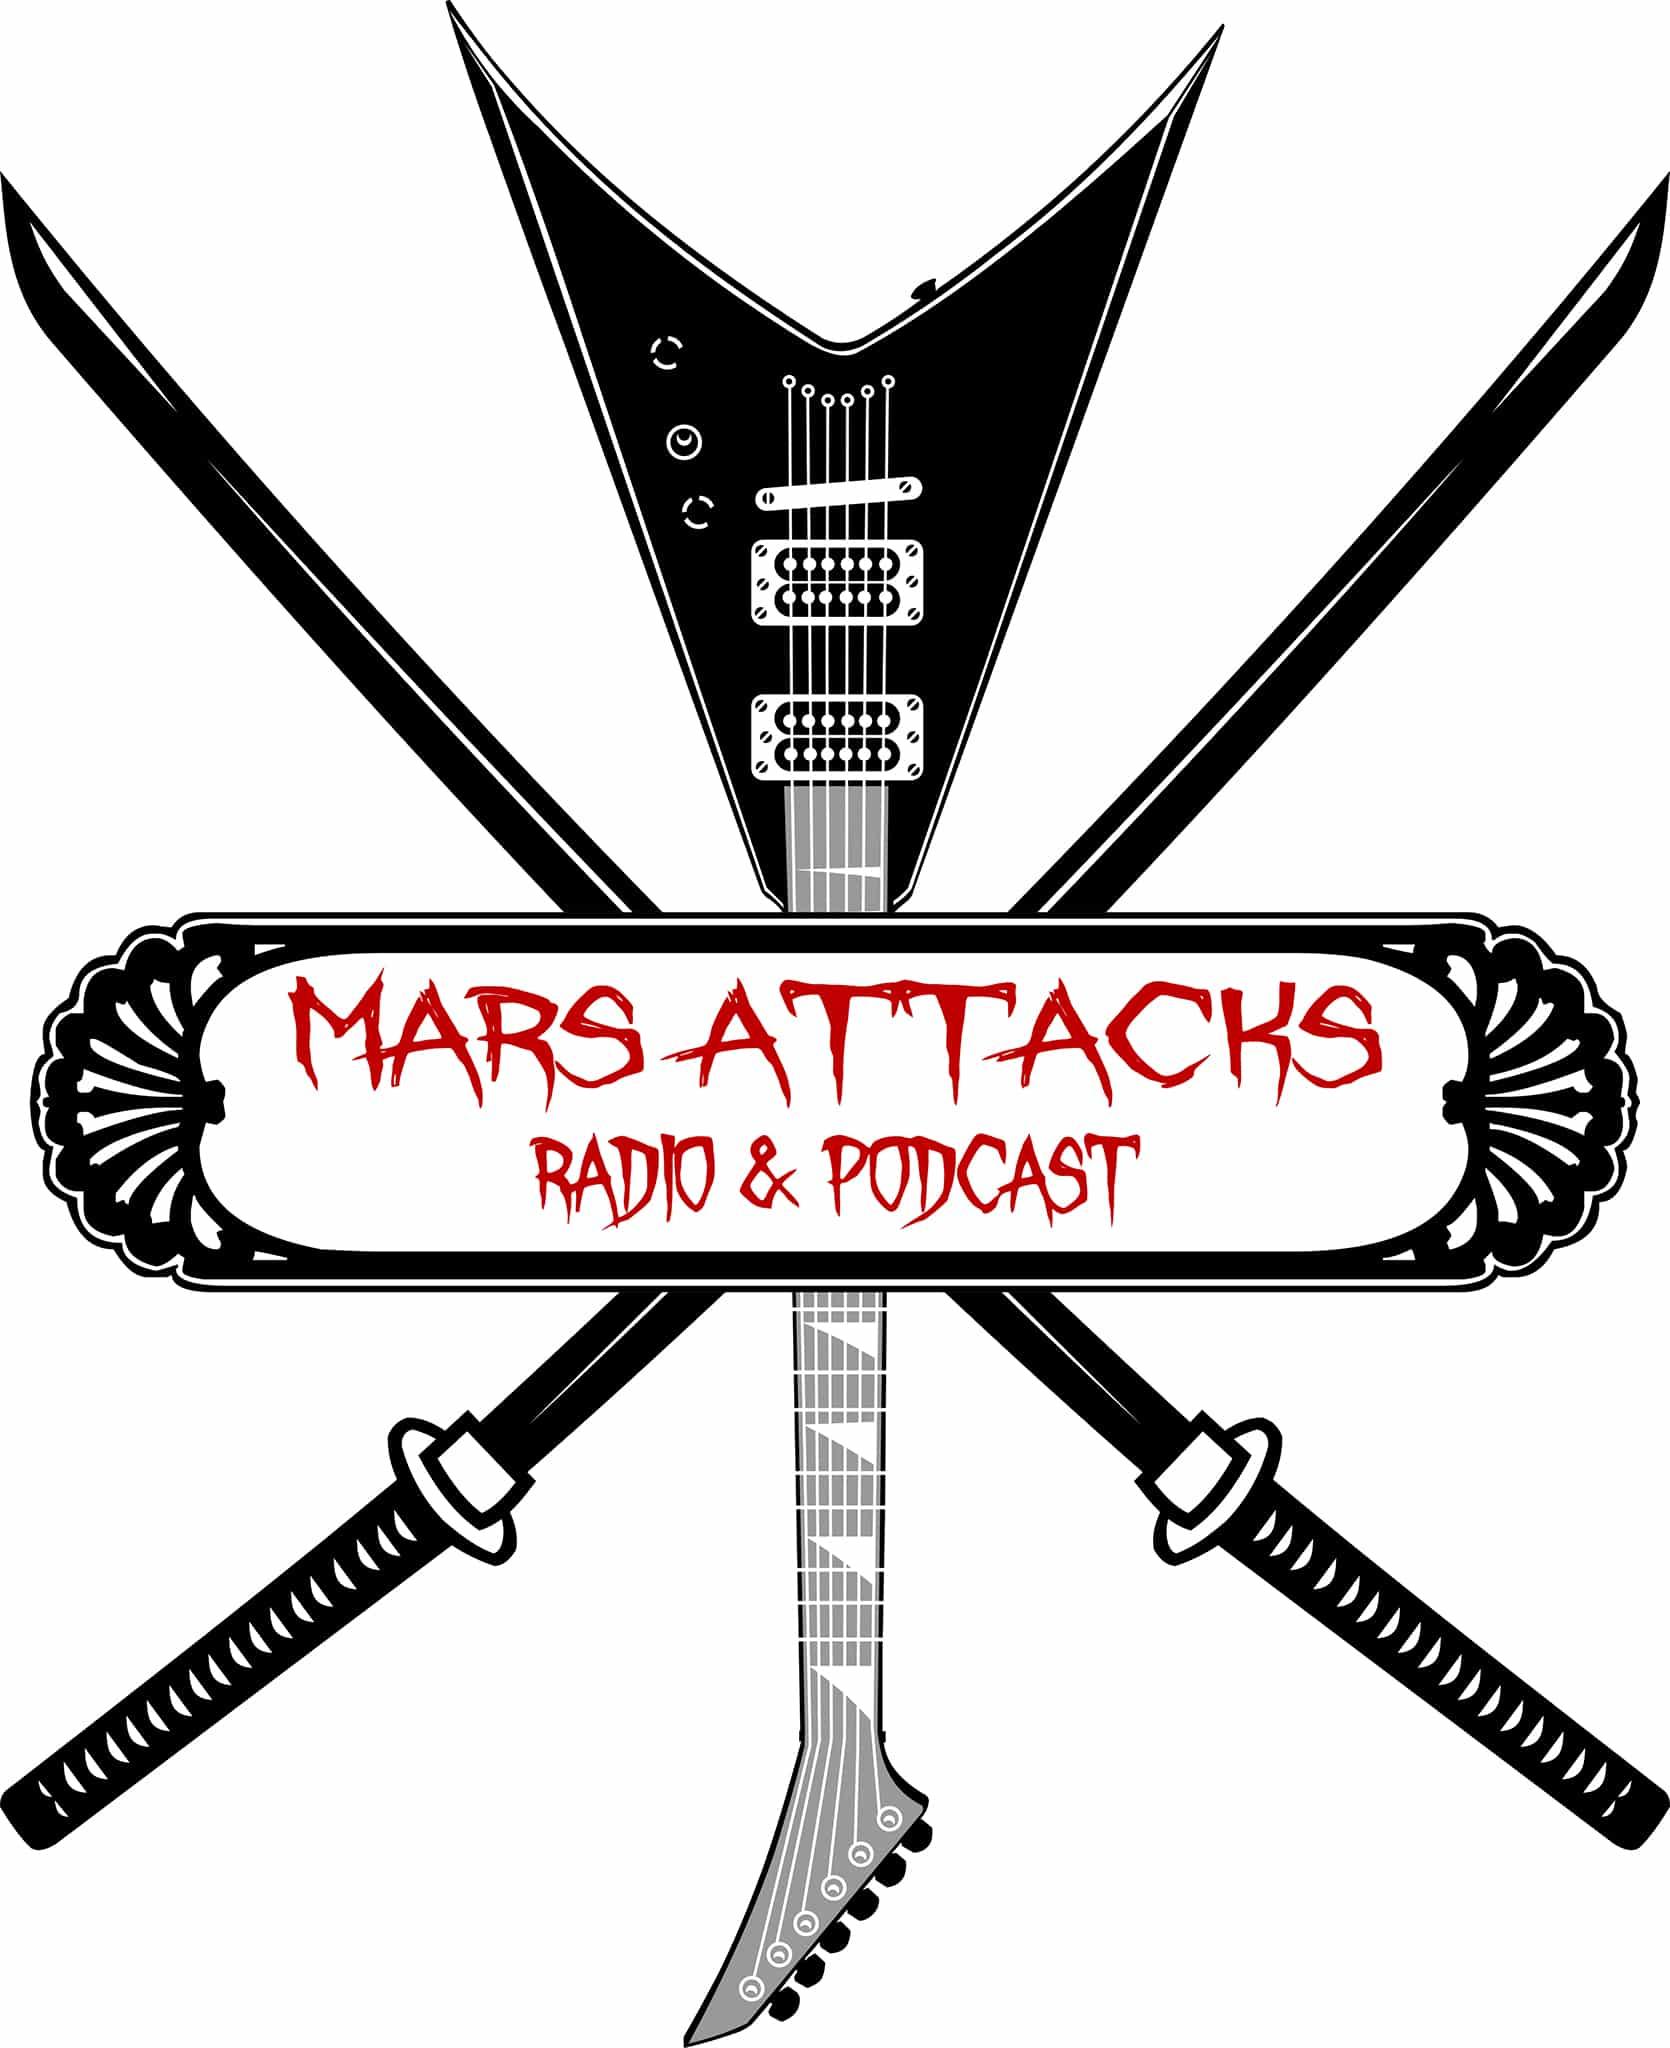 Mars Attacks Podcast Merch